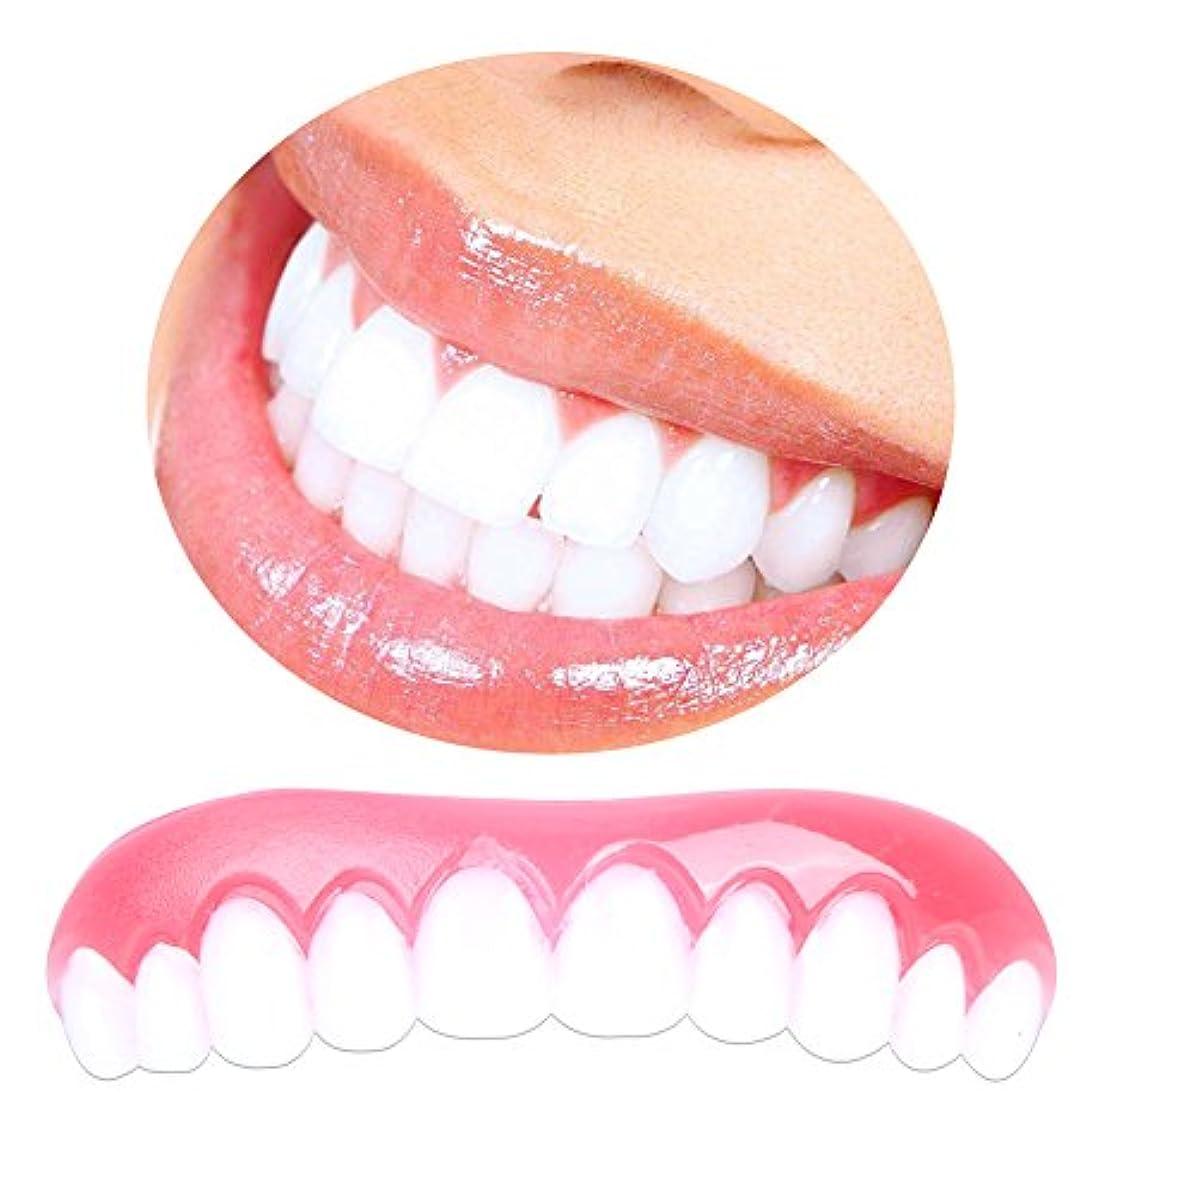 傷つきやすい正確に破壊2個パーフェクトスマイルベニヤダブの歯の修正のための在庫の悪い歯のためのパーフェクトスマイルベニヤ歯のホワイトニング